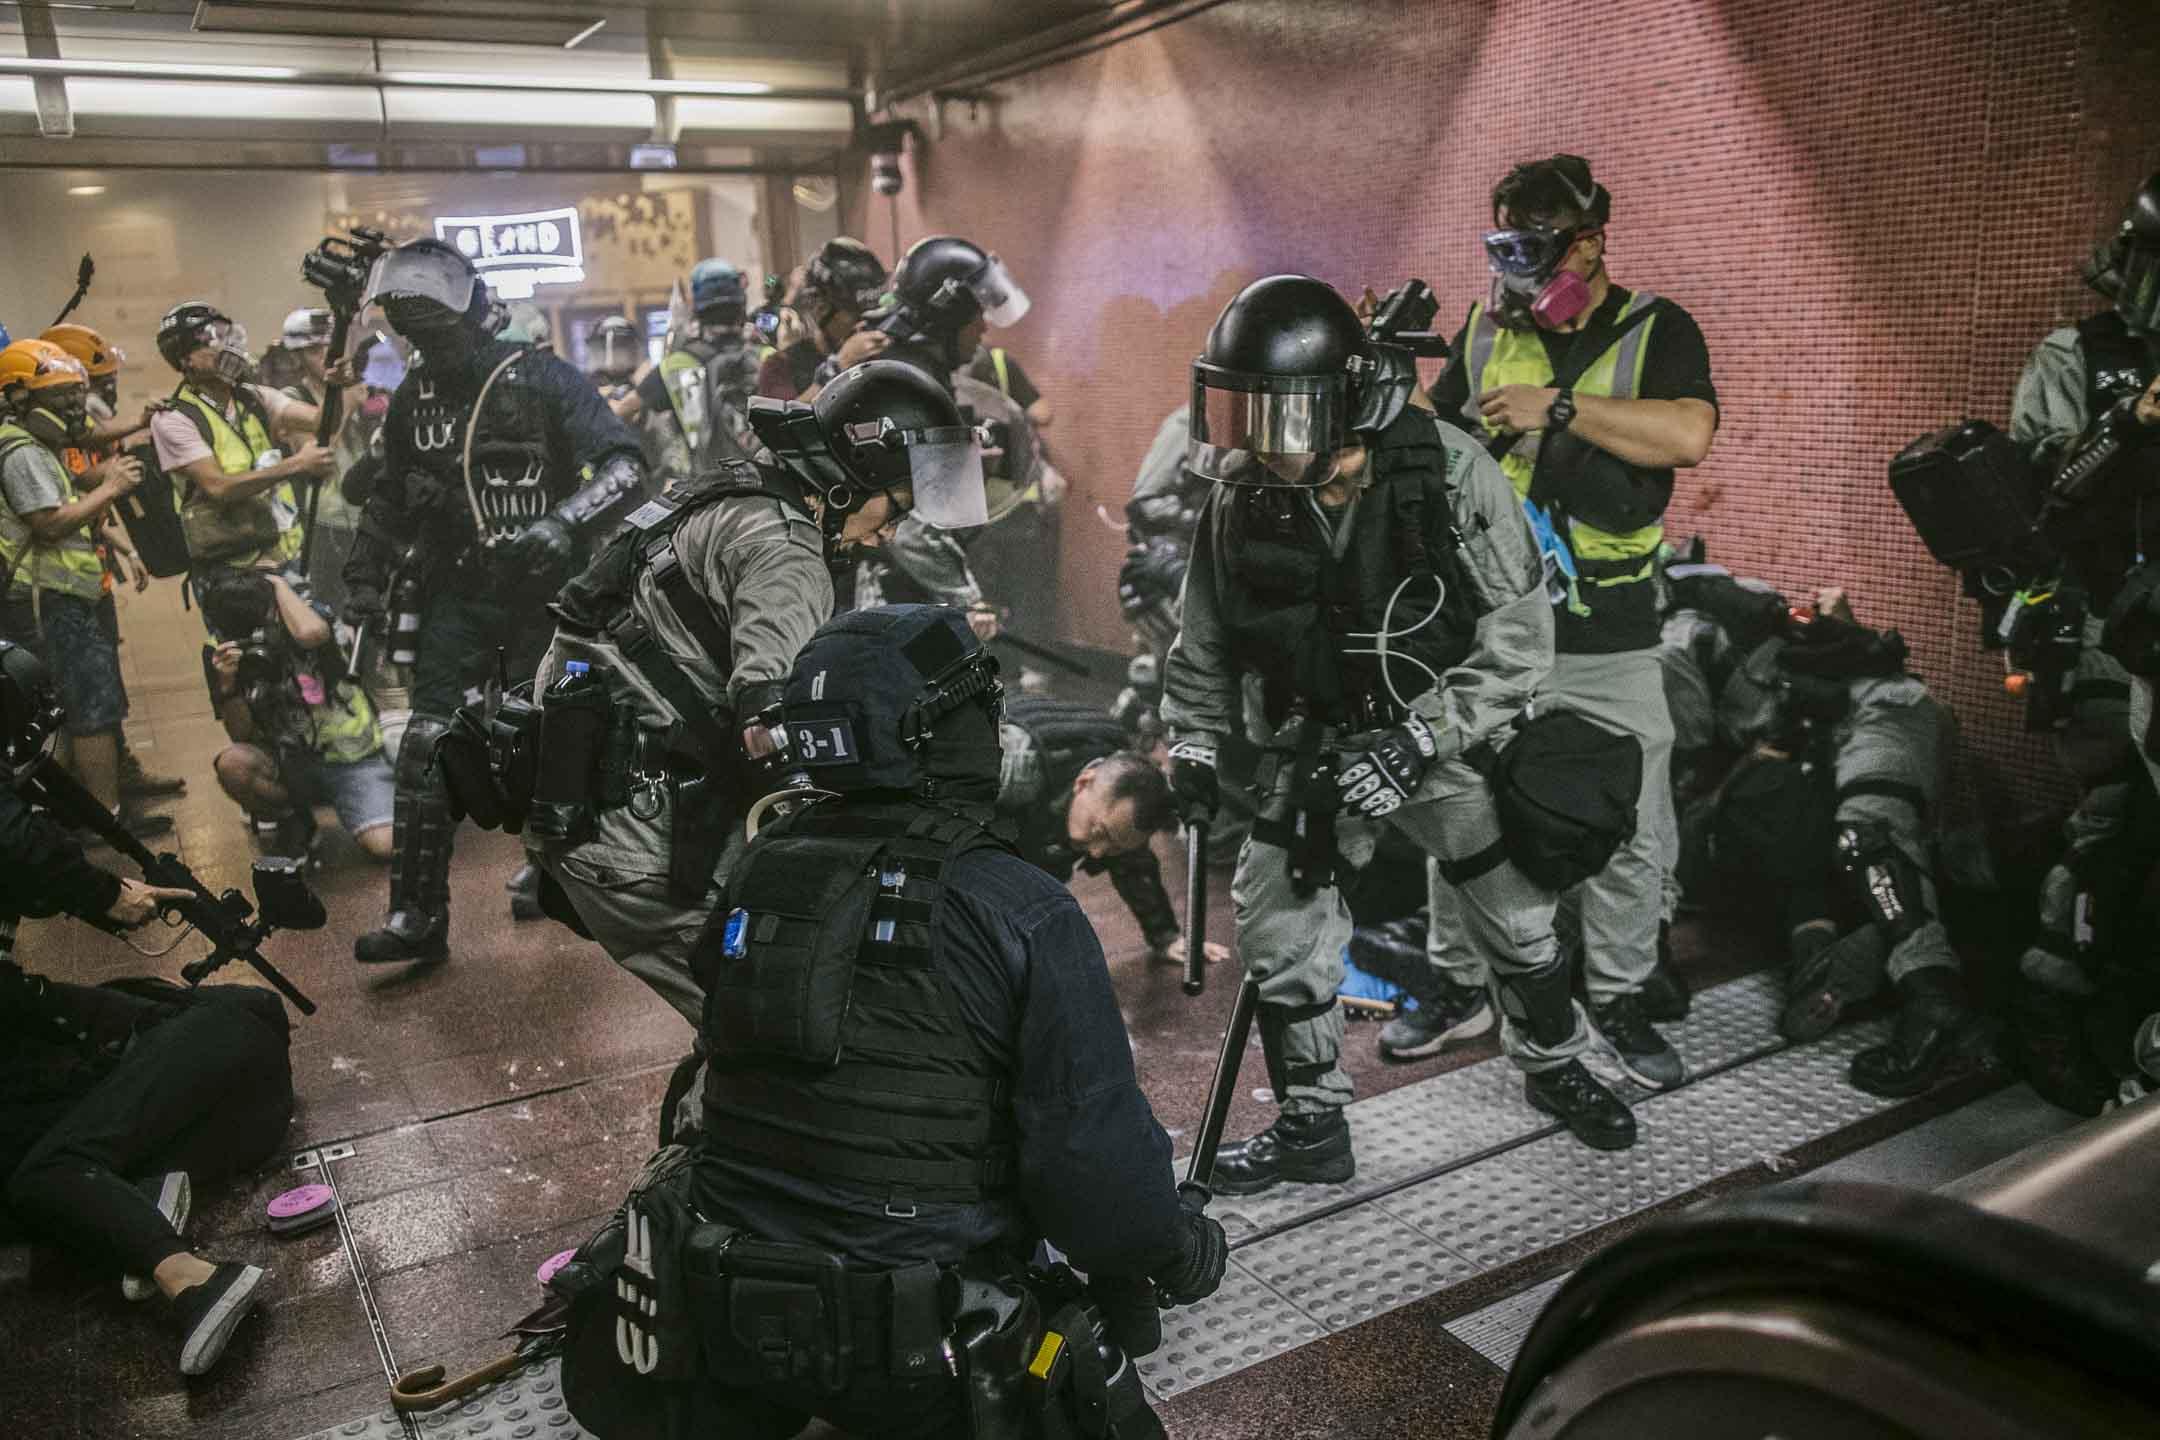 2019年8月11日,警察在港鐵太古站進行拘捕行動。 圖:端傳媒